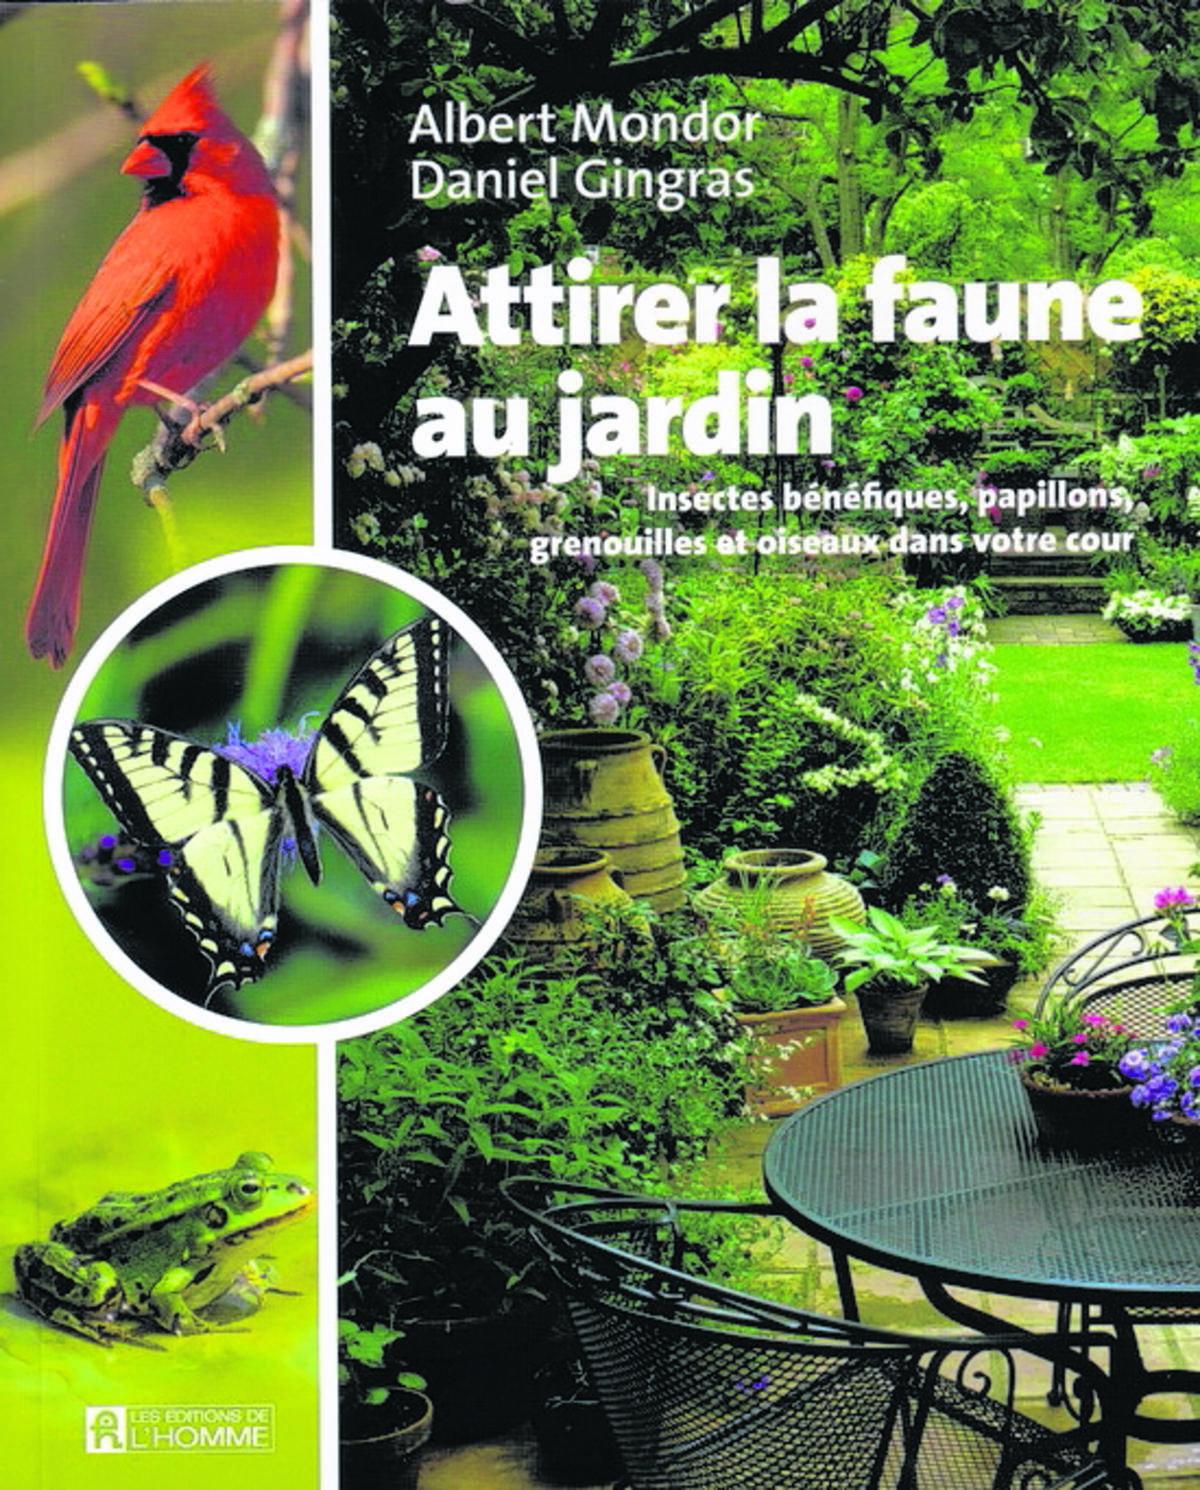 Des Papillons Et Des Colibris Au Jardin - Le Canada Français tout Au Jardin Des Colibris